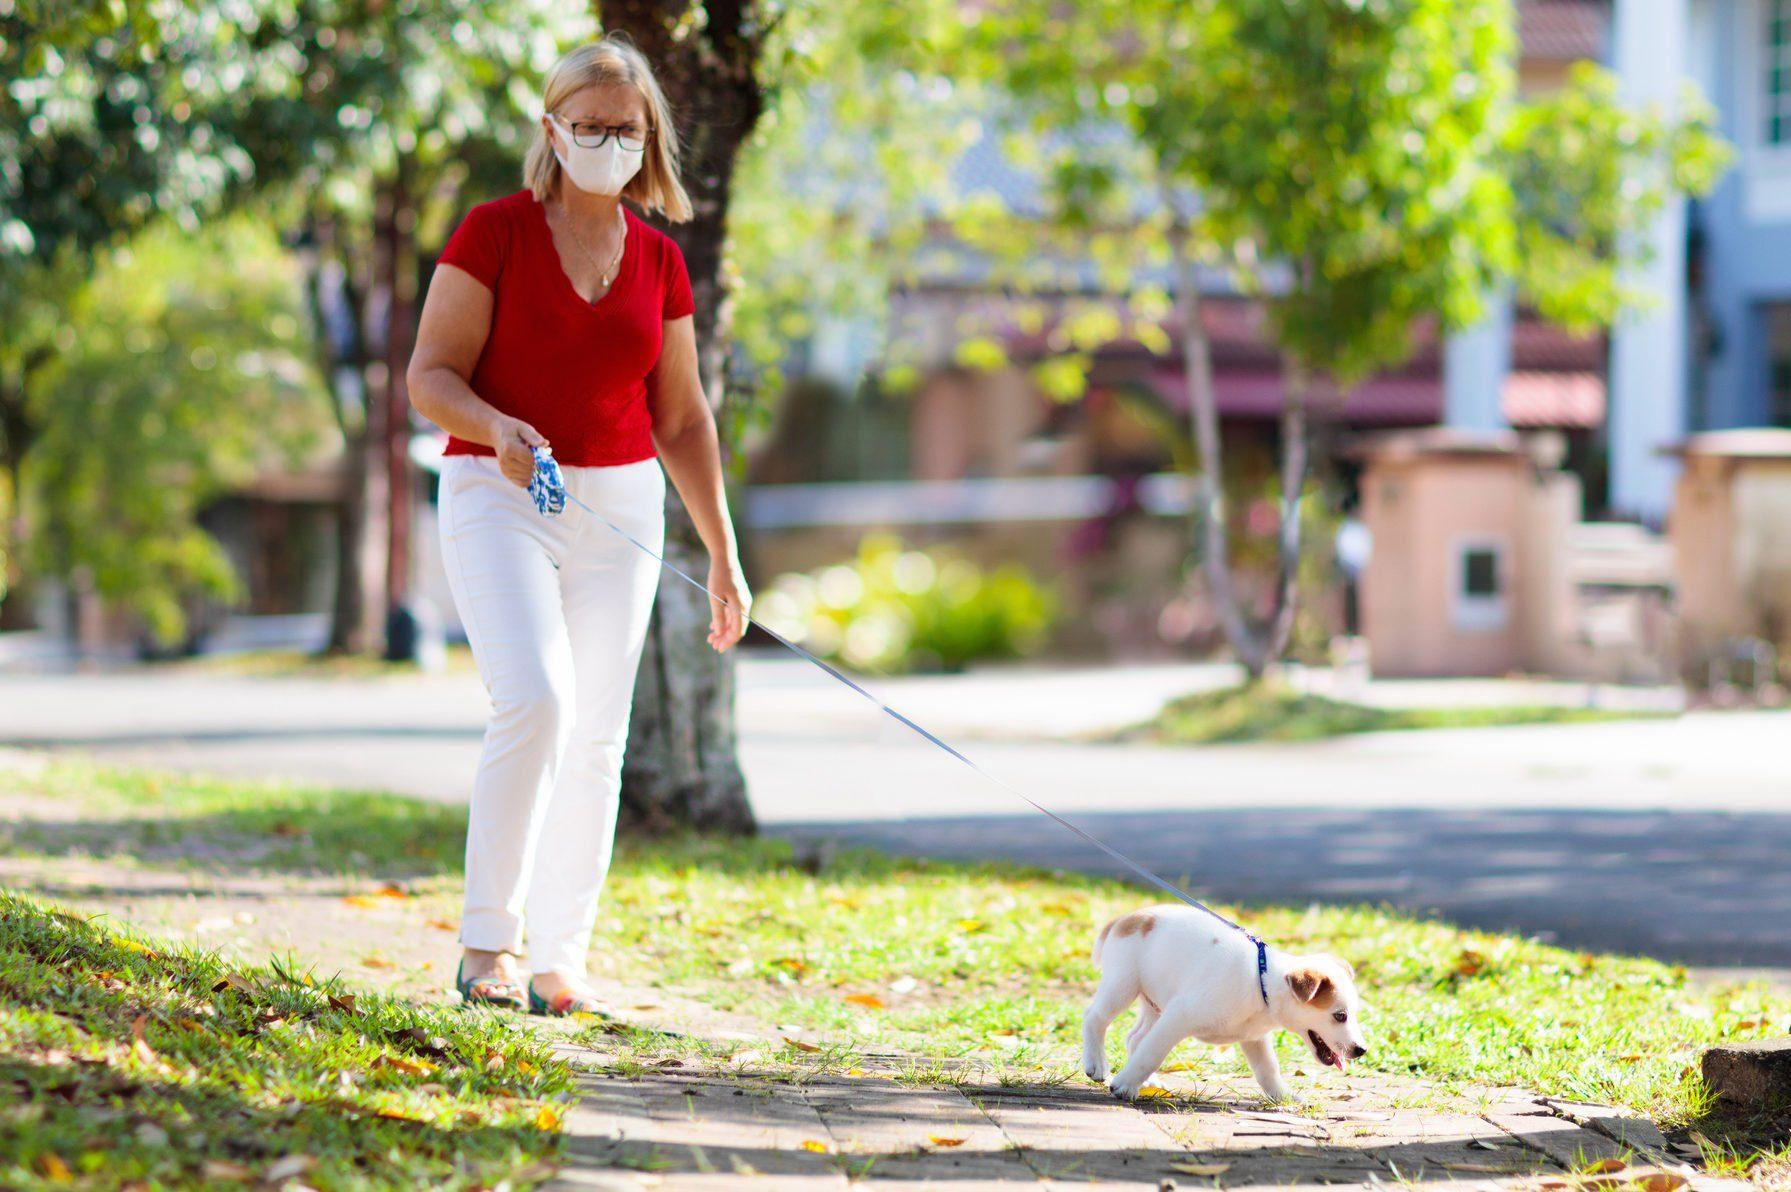 Family walking dog during virus outbreak